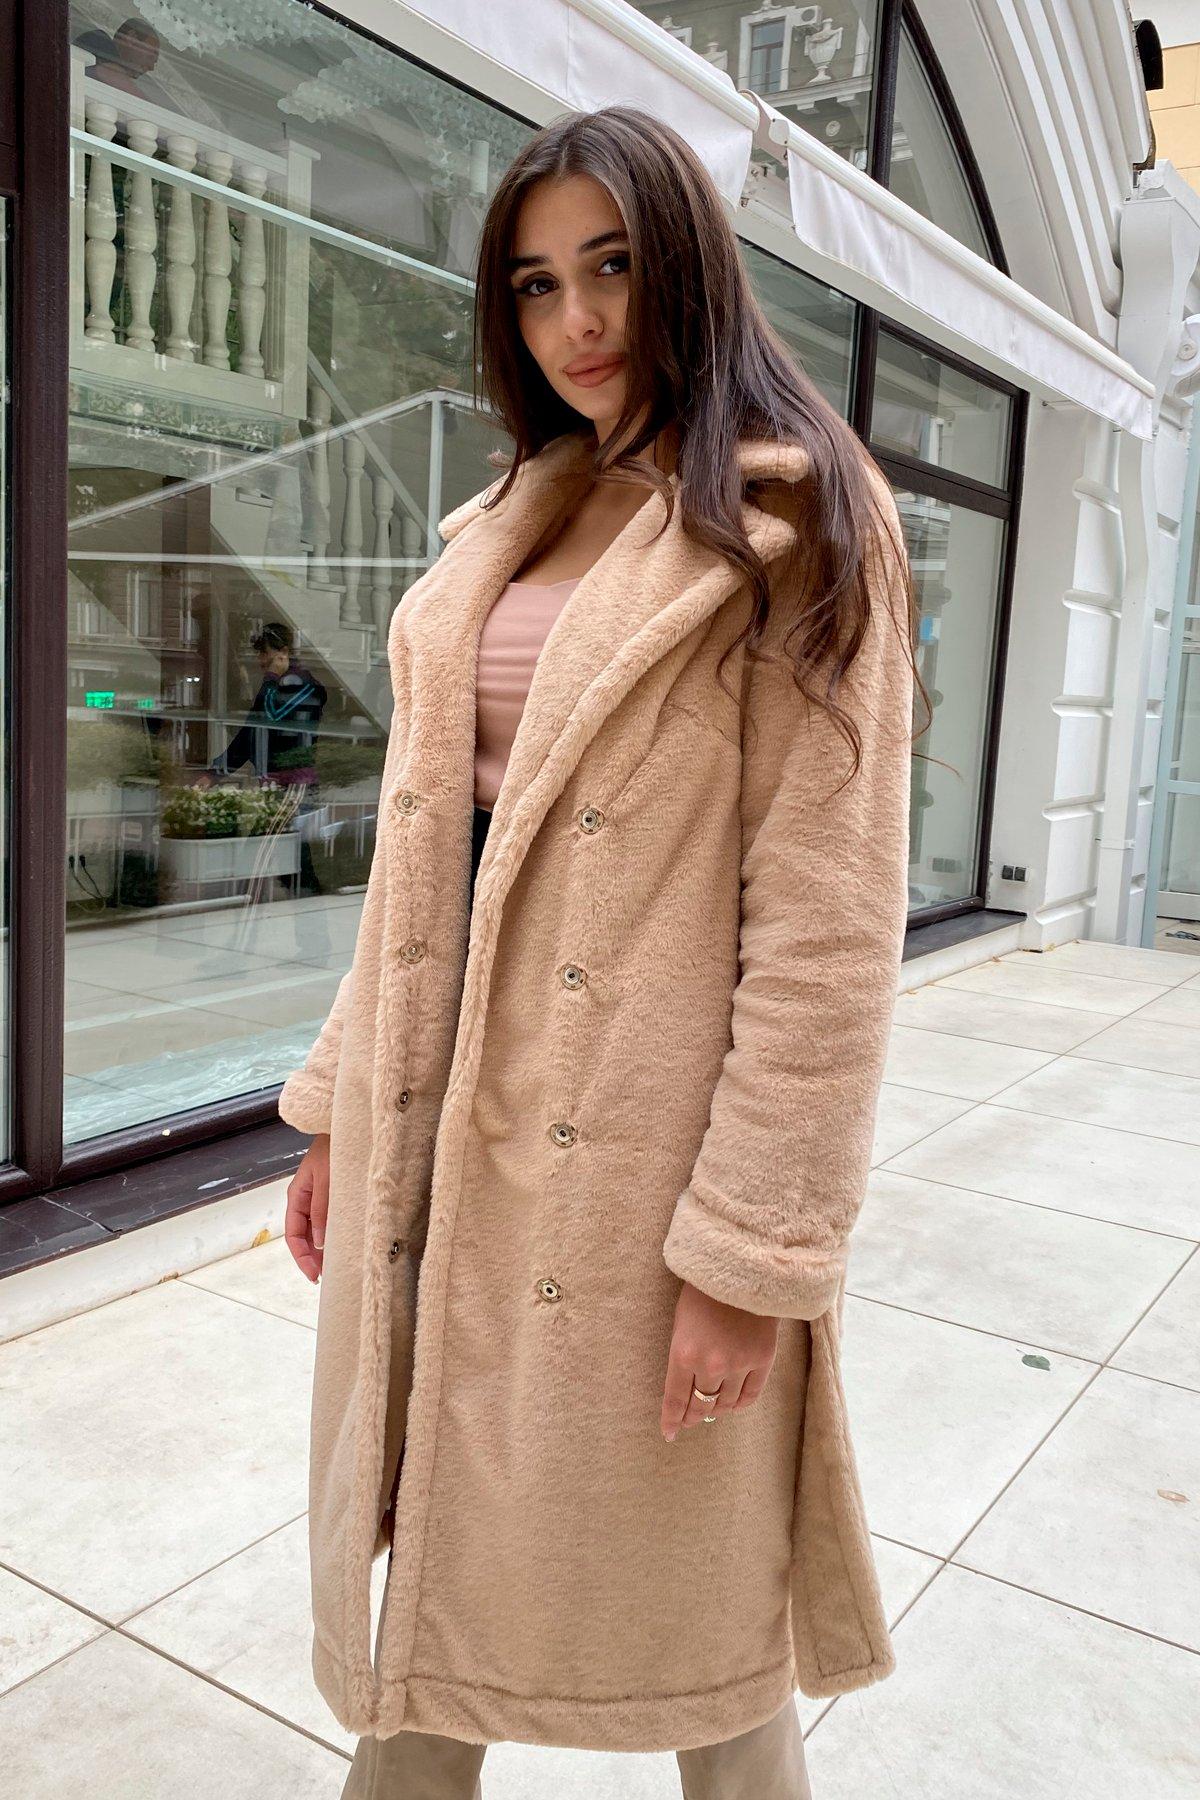 Зимнее пальто из искусственного меха норки Саманта 8641 АРТ. 44956 Цвет: Бежевый - фото 8, интернет магазин tm-modus.ru